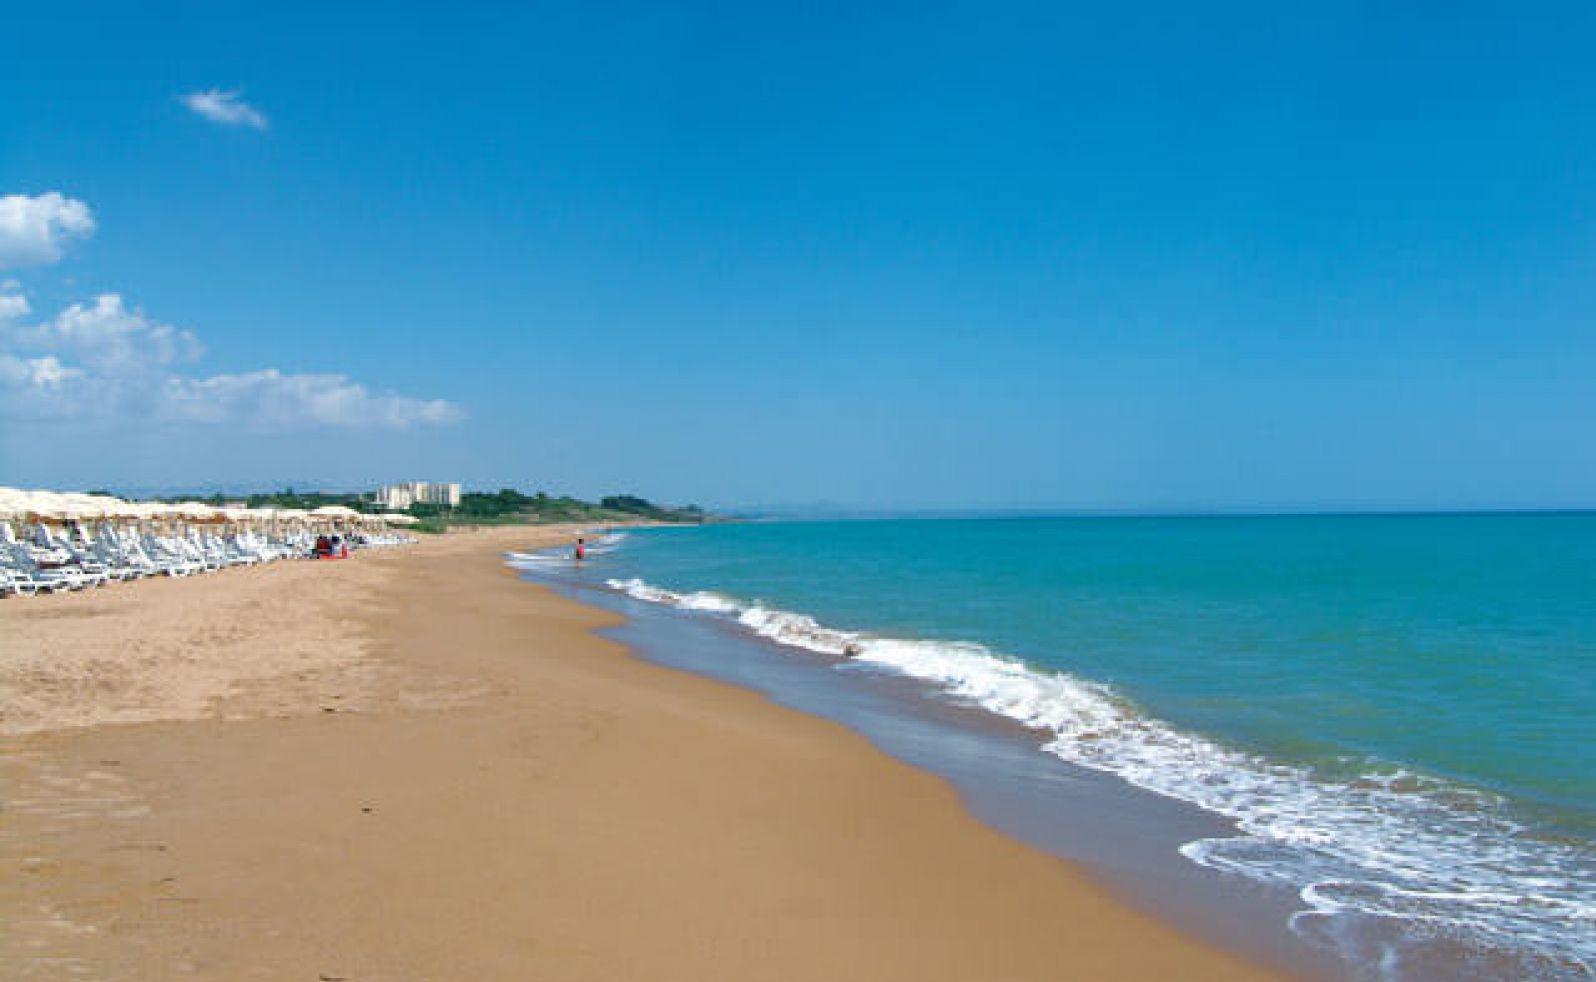 Spiagge sabbia fine della sicilia viaggiamo for Setacciavano la sabbia dei fiumi